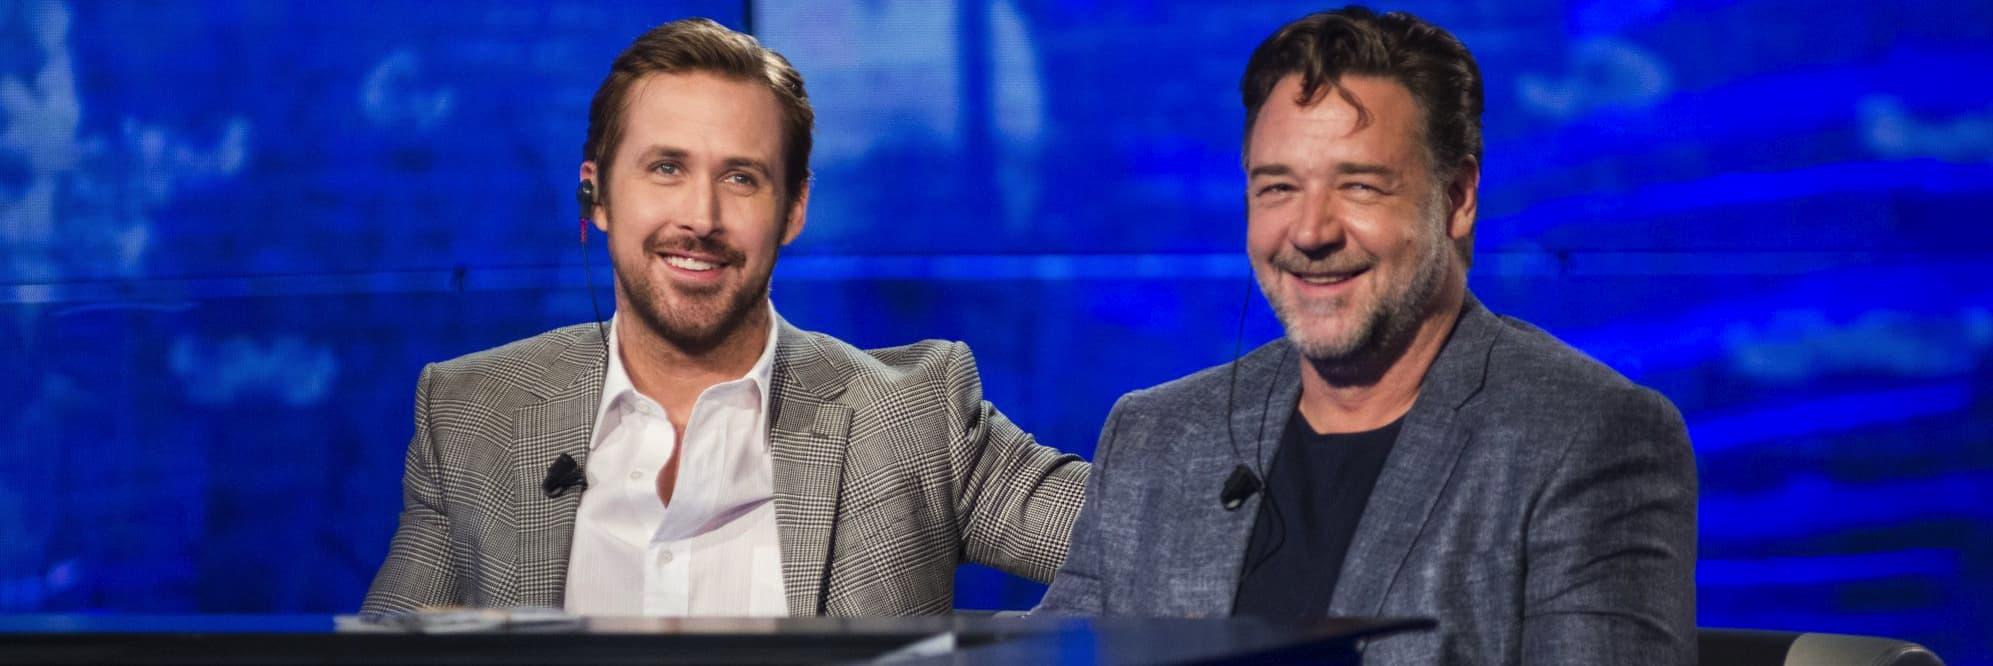 Ryan-Gosling-Che-Tempo-Che-Fa-Tv-Show-2016-011